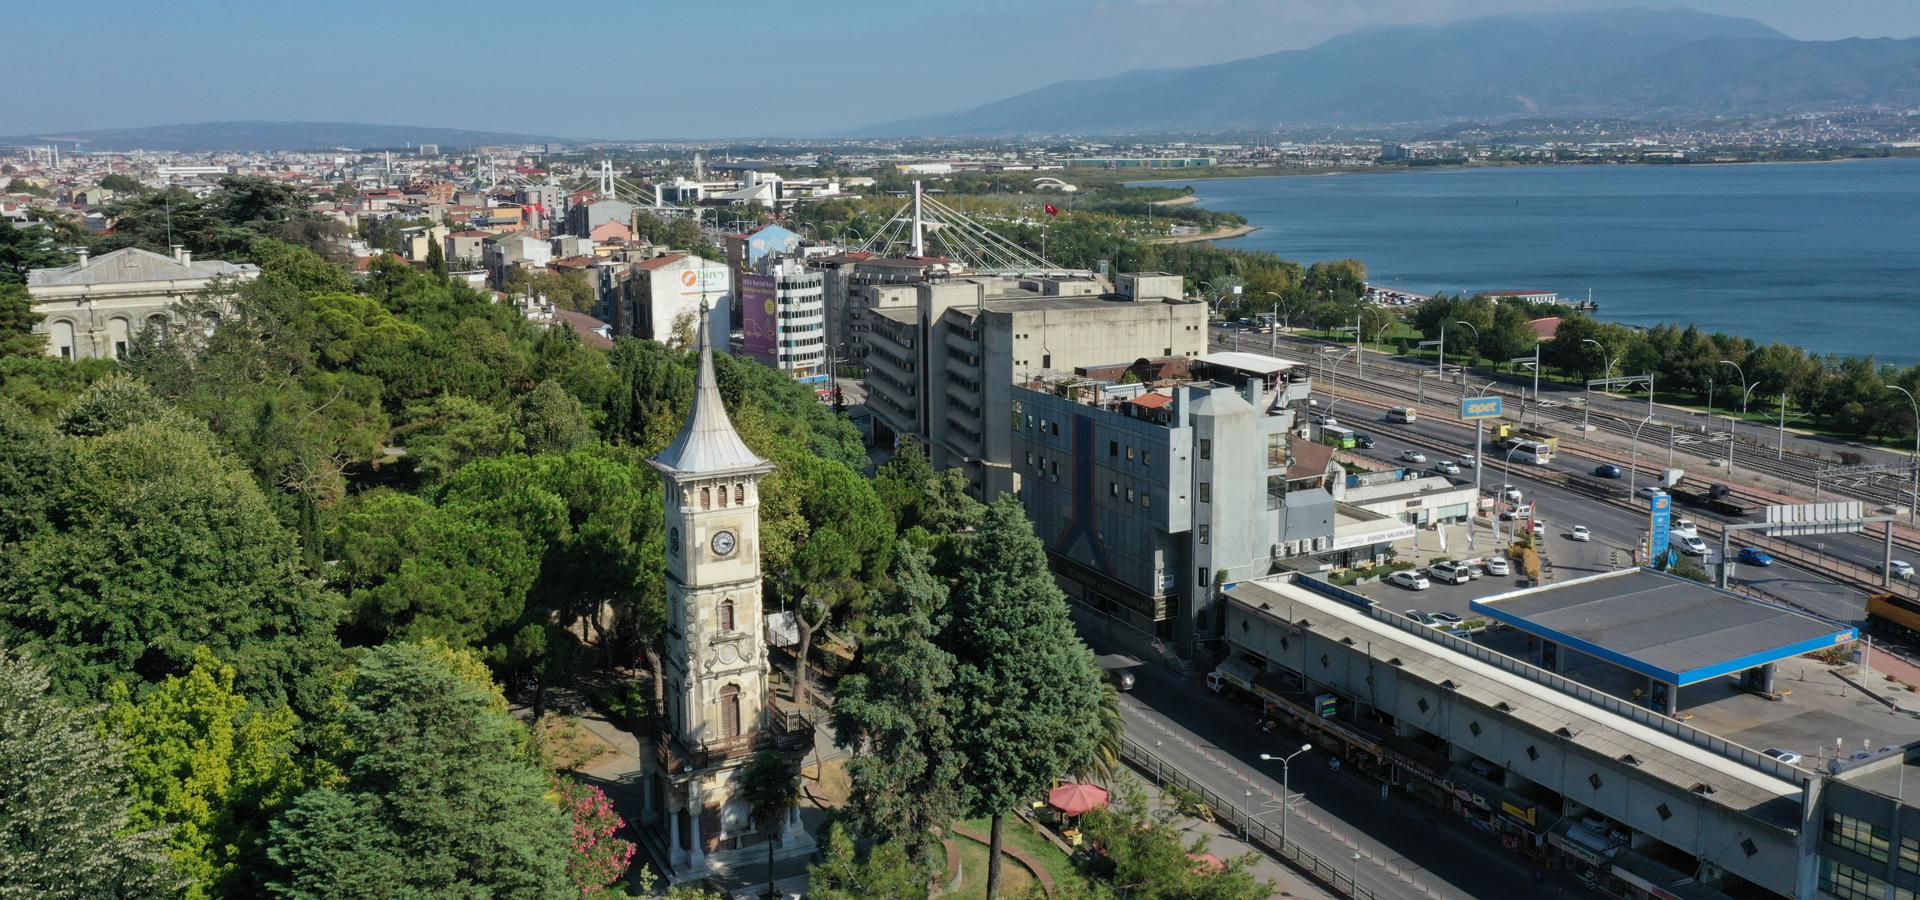 Peer-to-peer advisory in İzmit, Kocaeli Province, Turkey